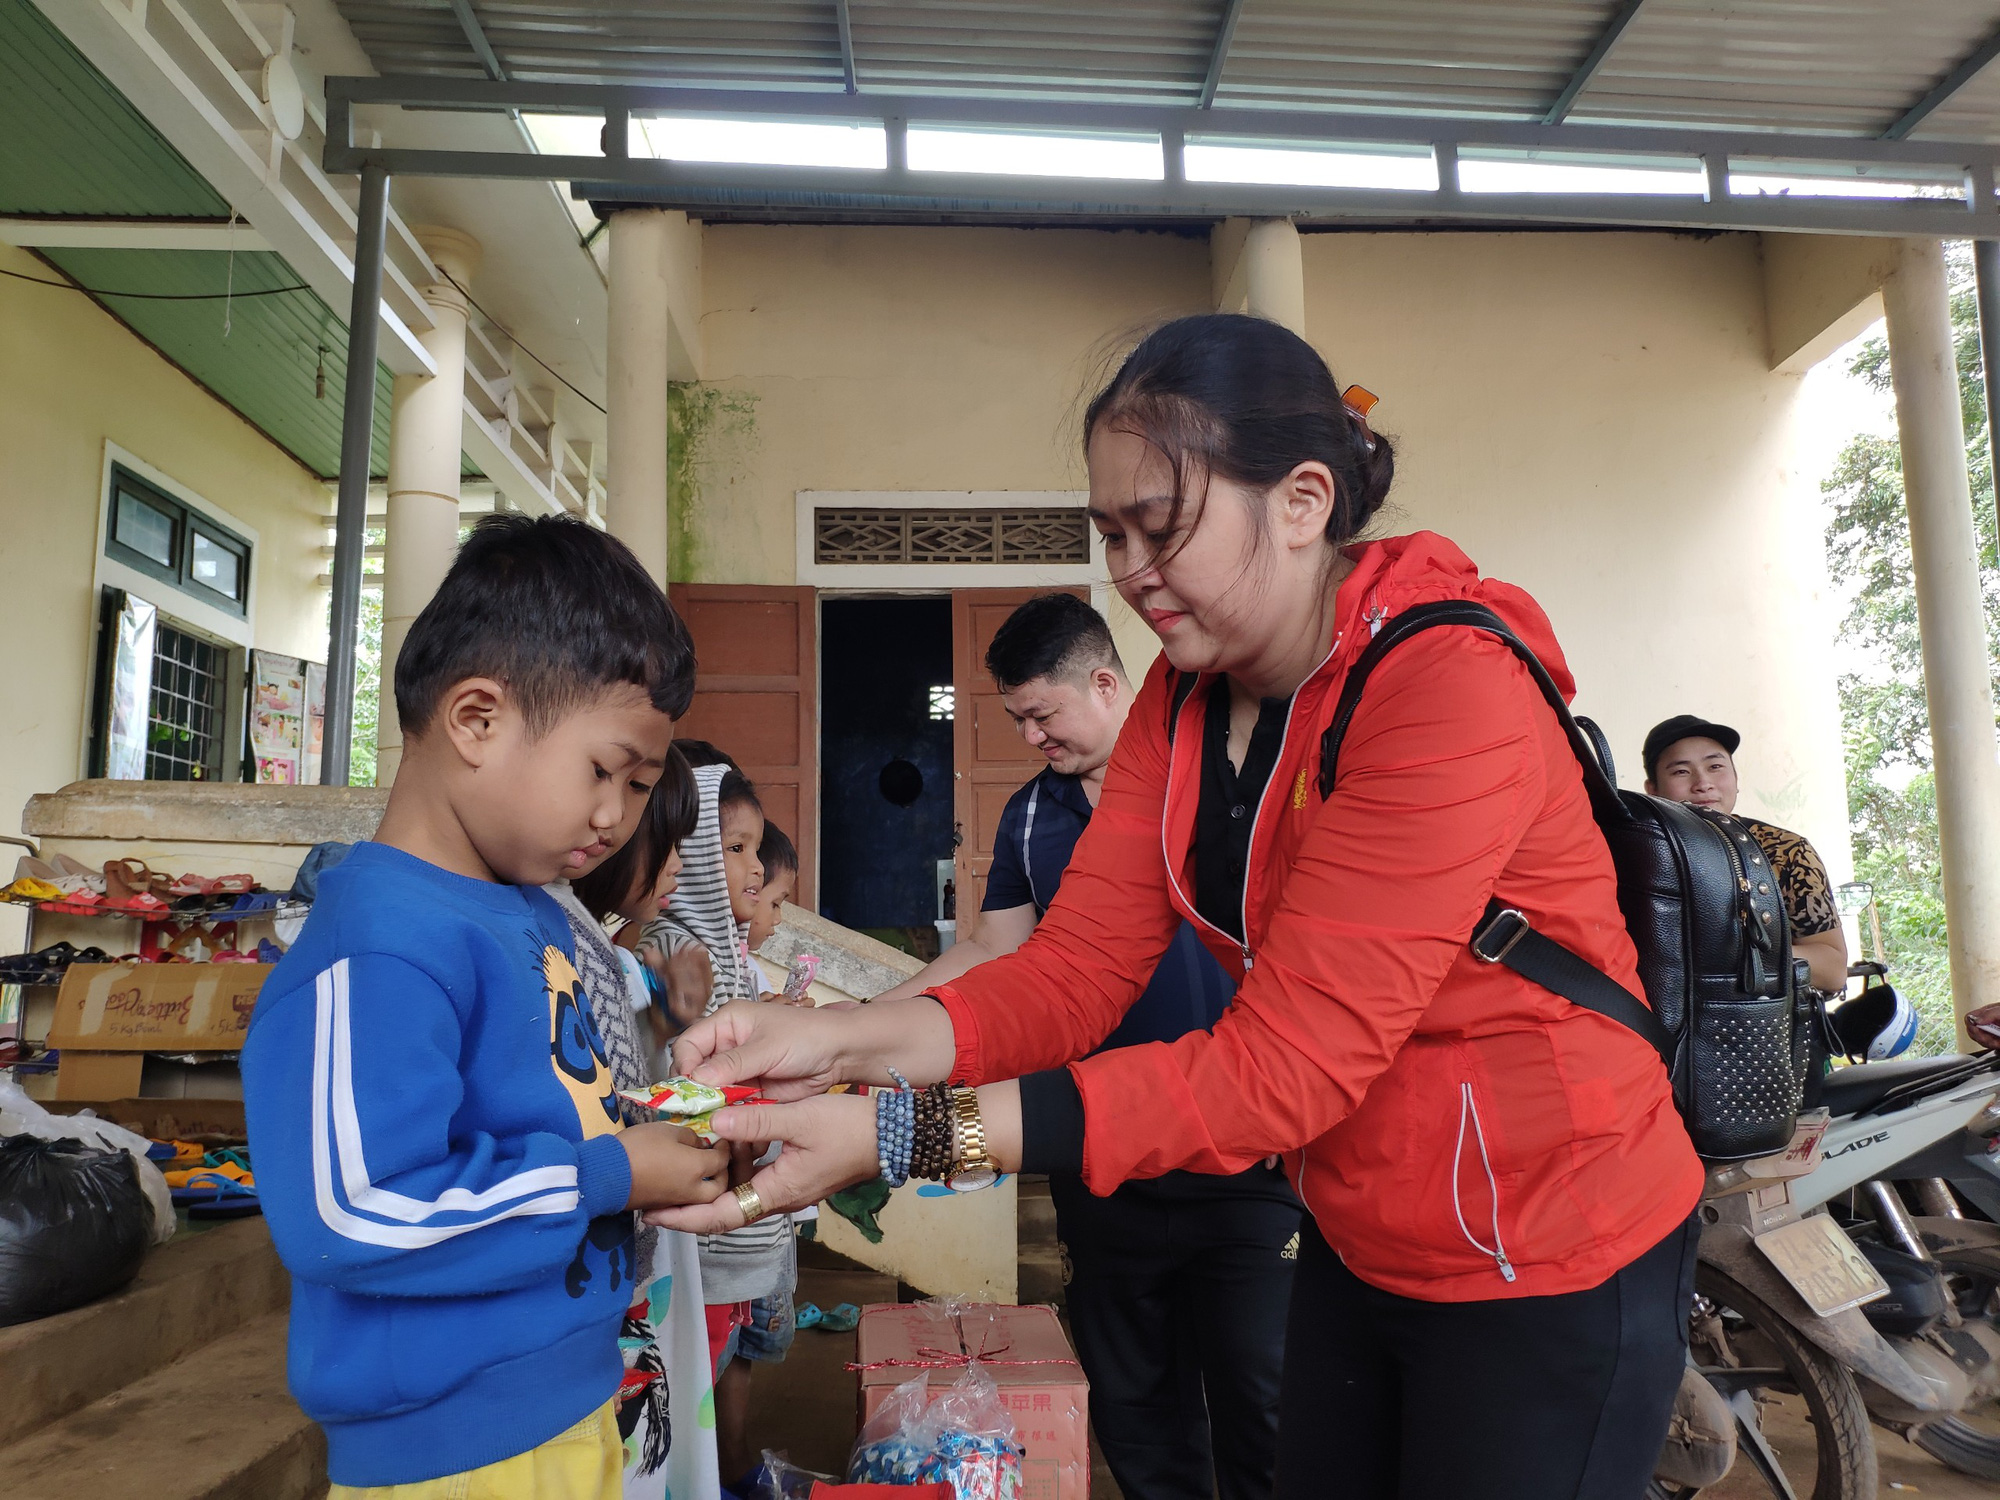 """Báo Điện tử Dân Việt kêu gọi mang """"Đông ấm"""" về với học sinh nghèo Quảng Trị - Ảnh 5."""